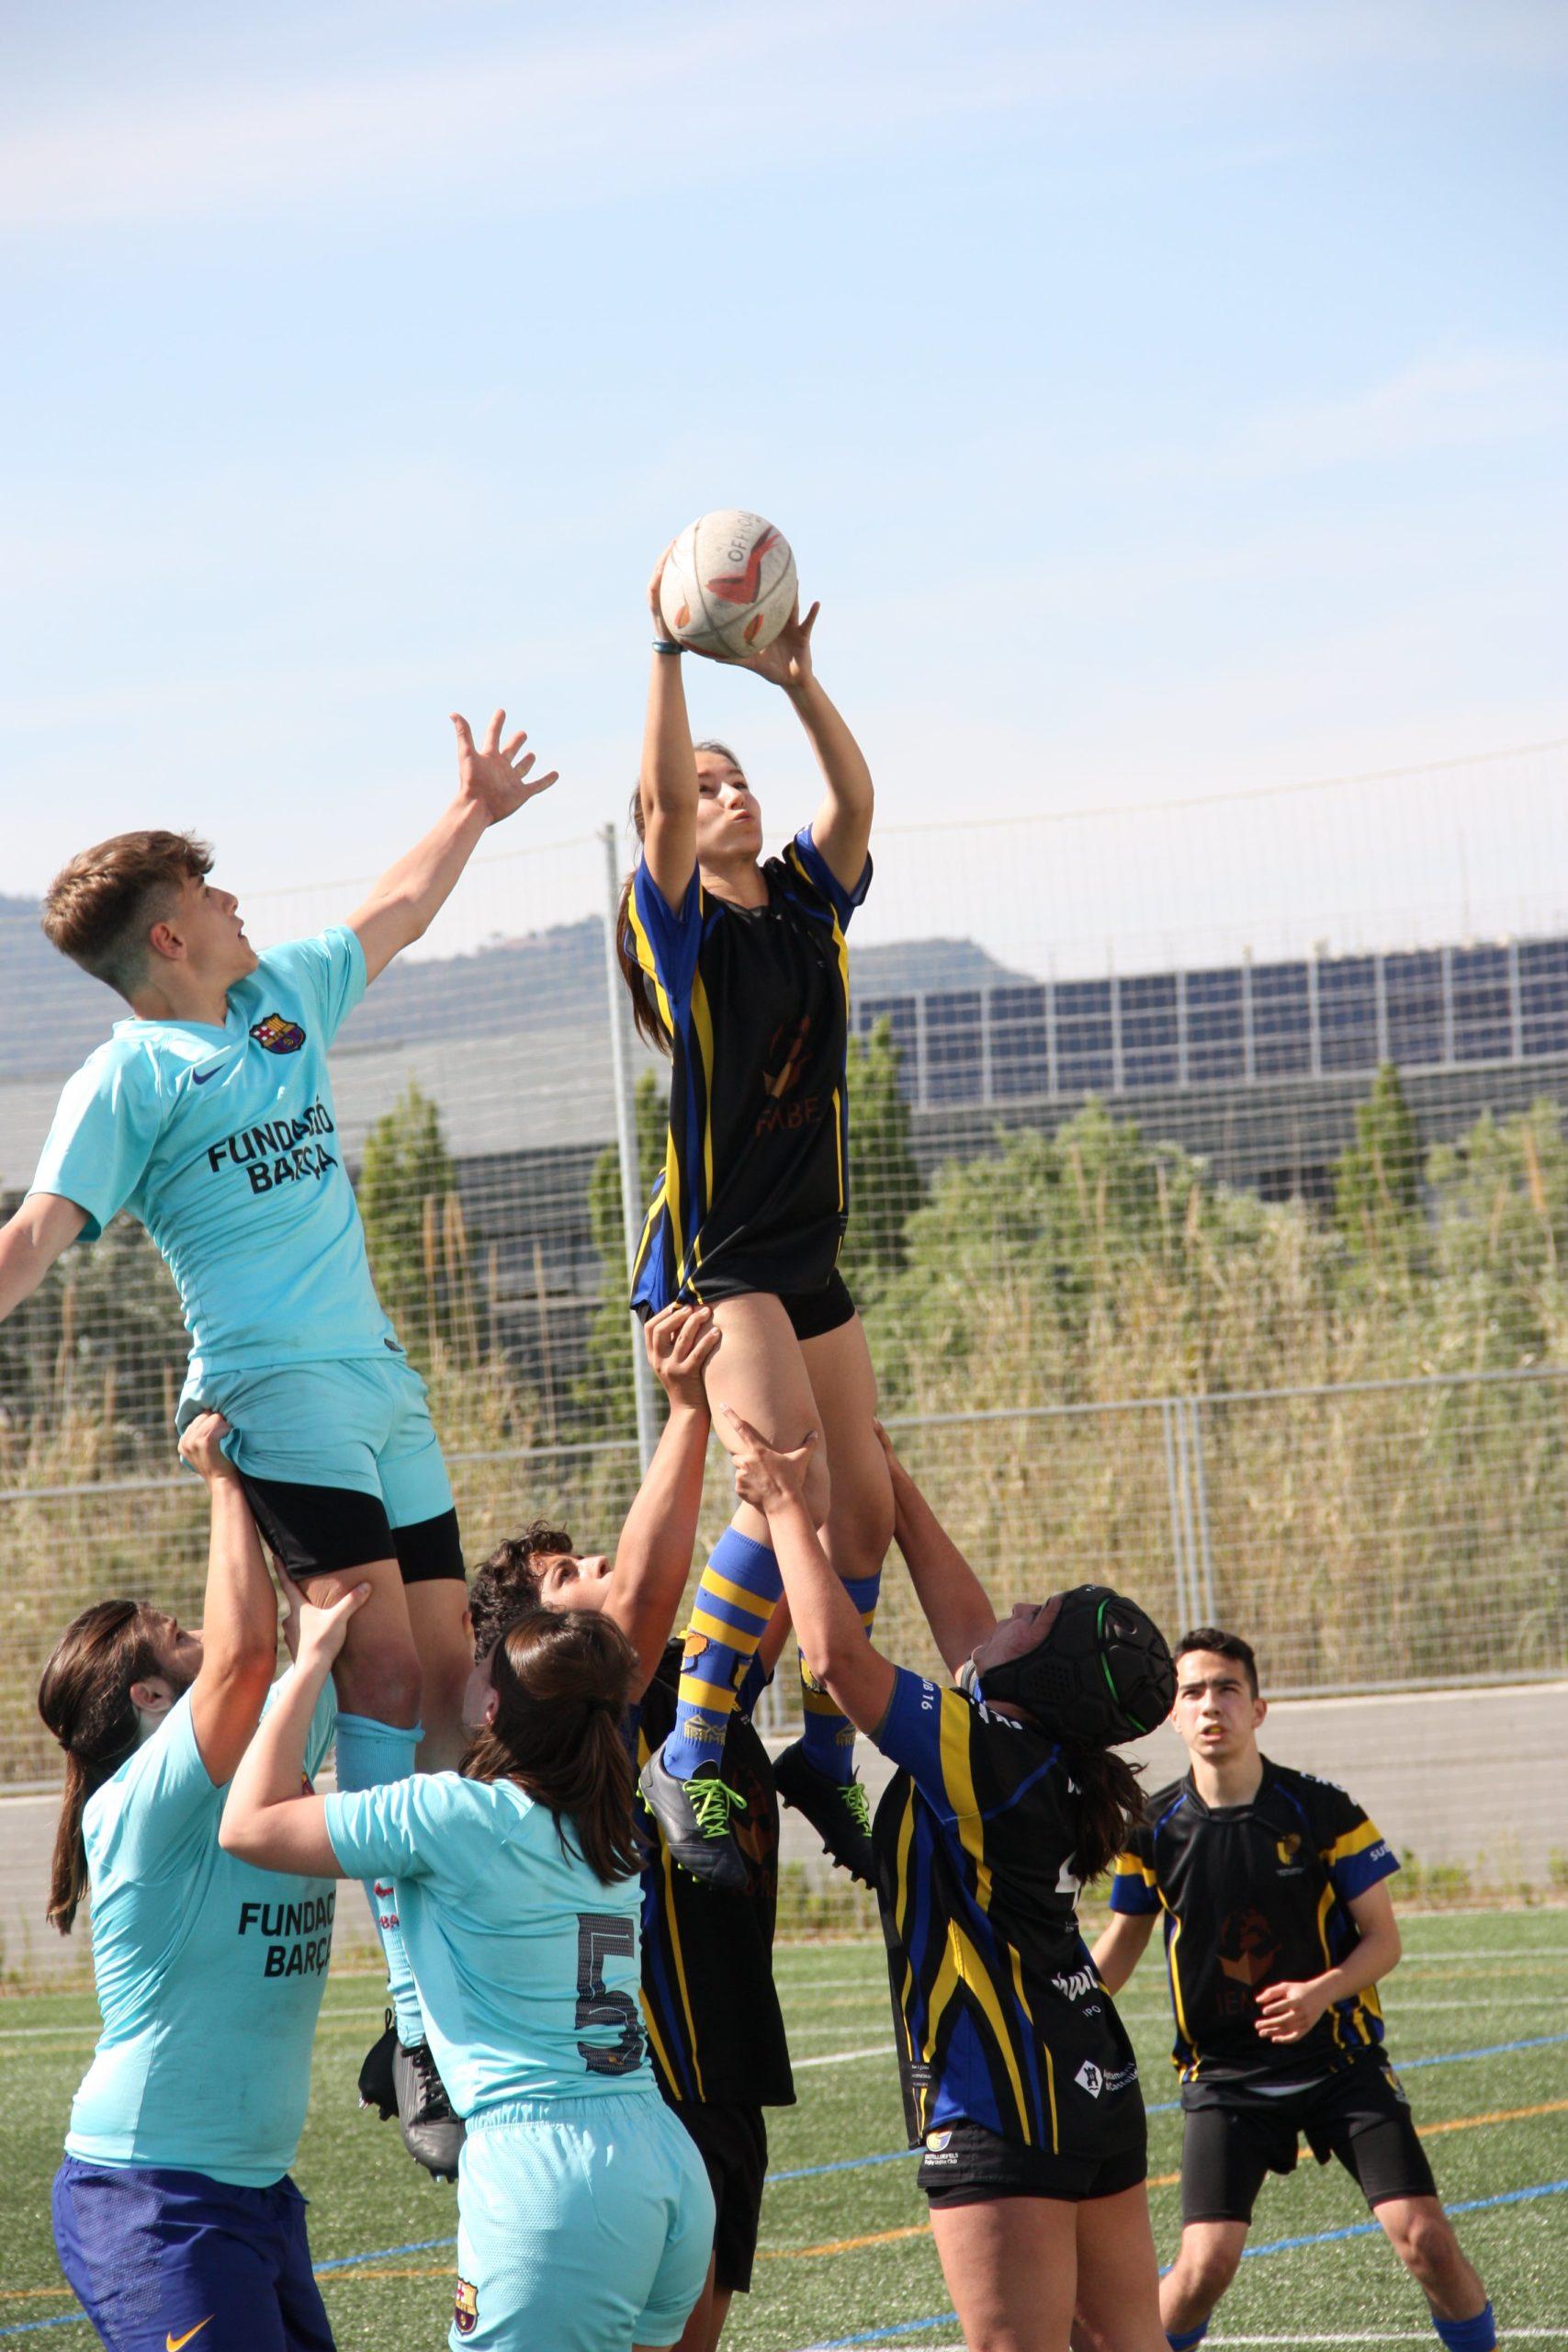 partido entre el CRUC sub 16 y el Barça Grana de rugby